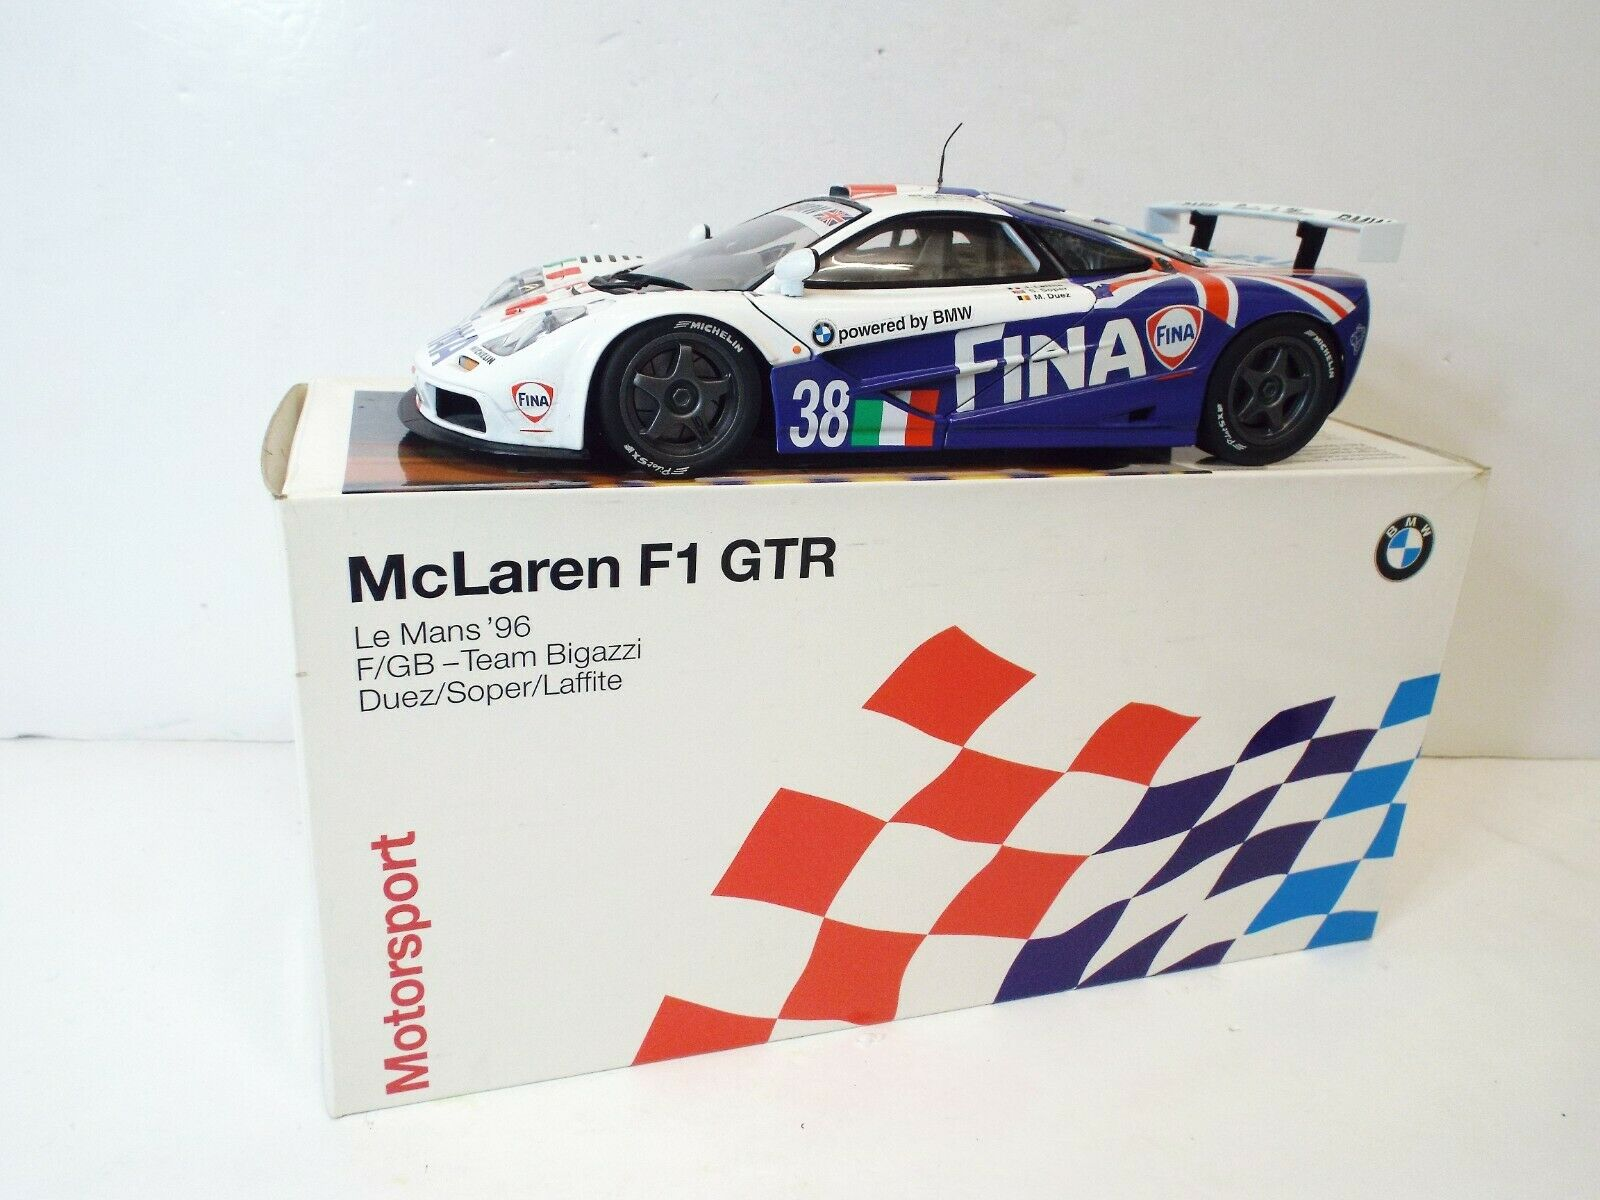 1 18 UT MODEL PROMO McLaren F1 GTR Le Mans 96 Team Fina Bigazzi En parfait état, dans sa boîte (1 18 128)